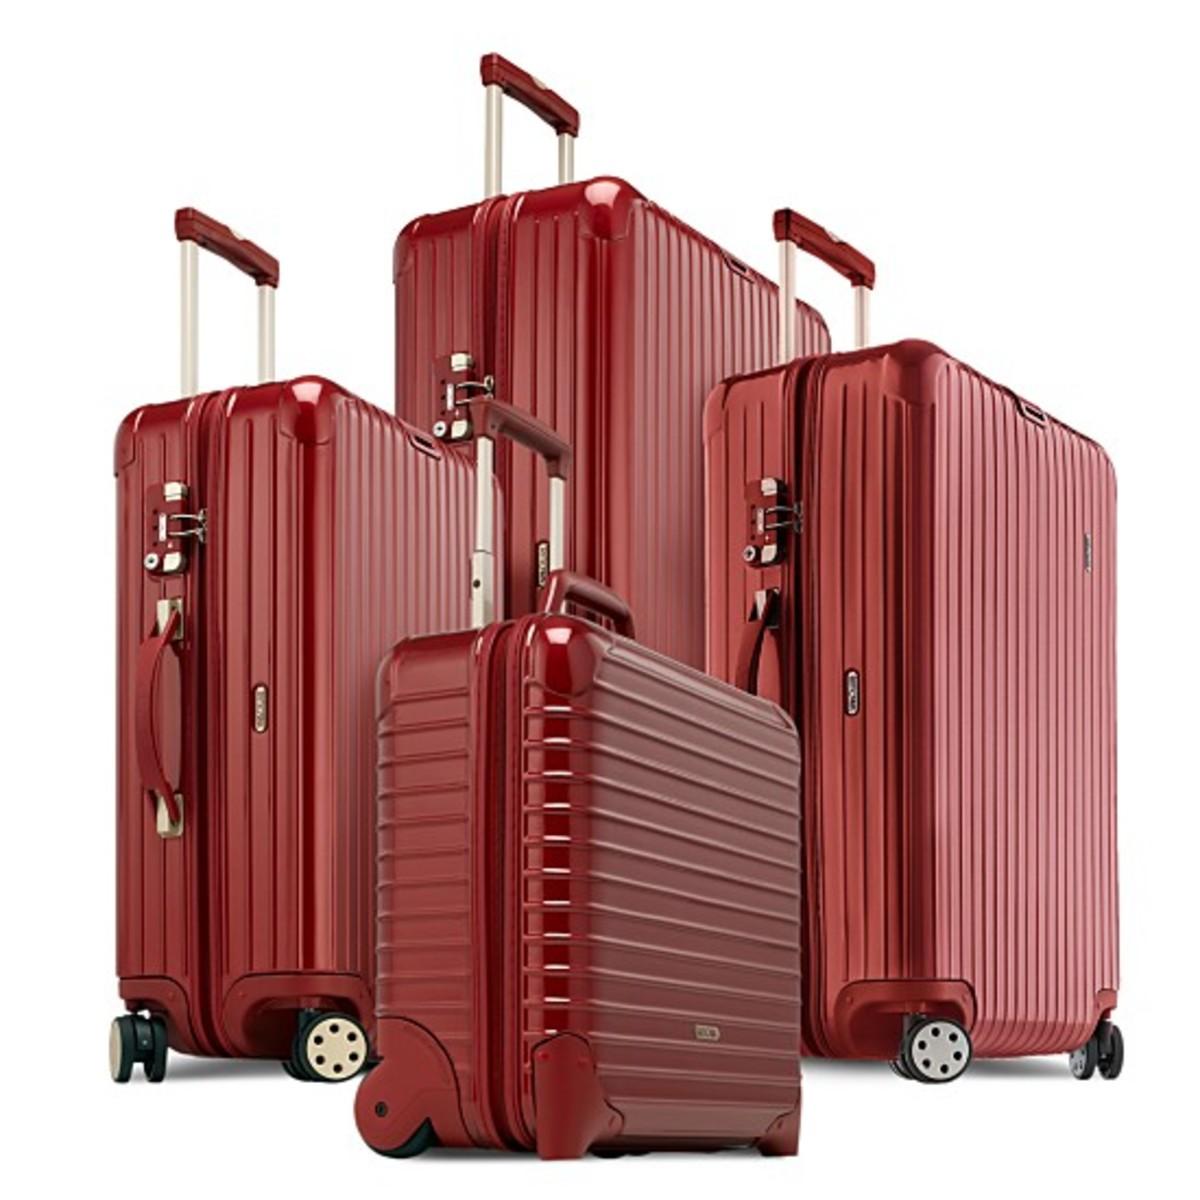 rimowa-luggage.jpg